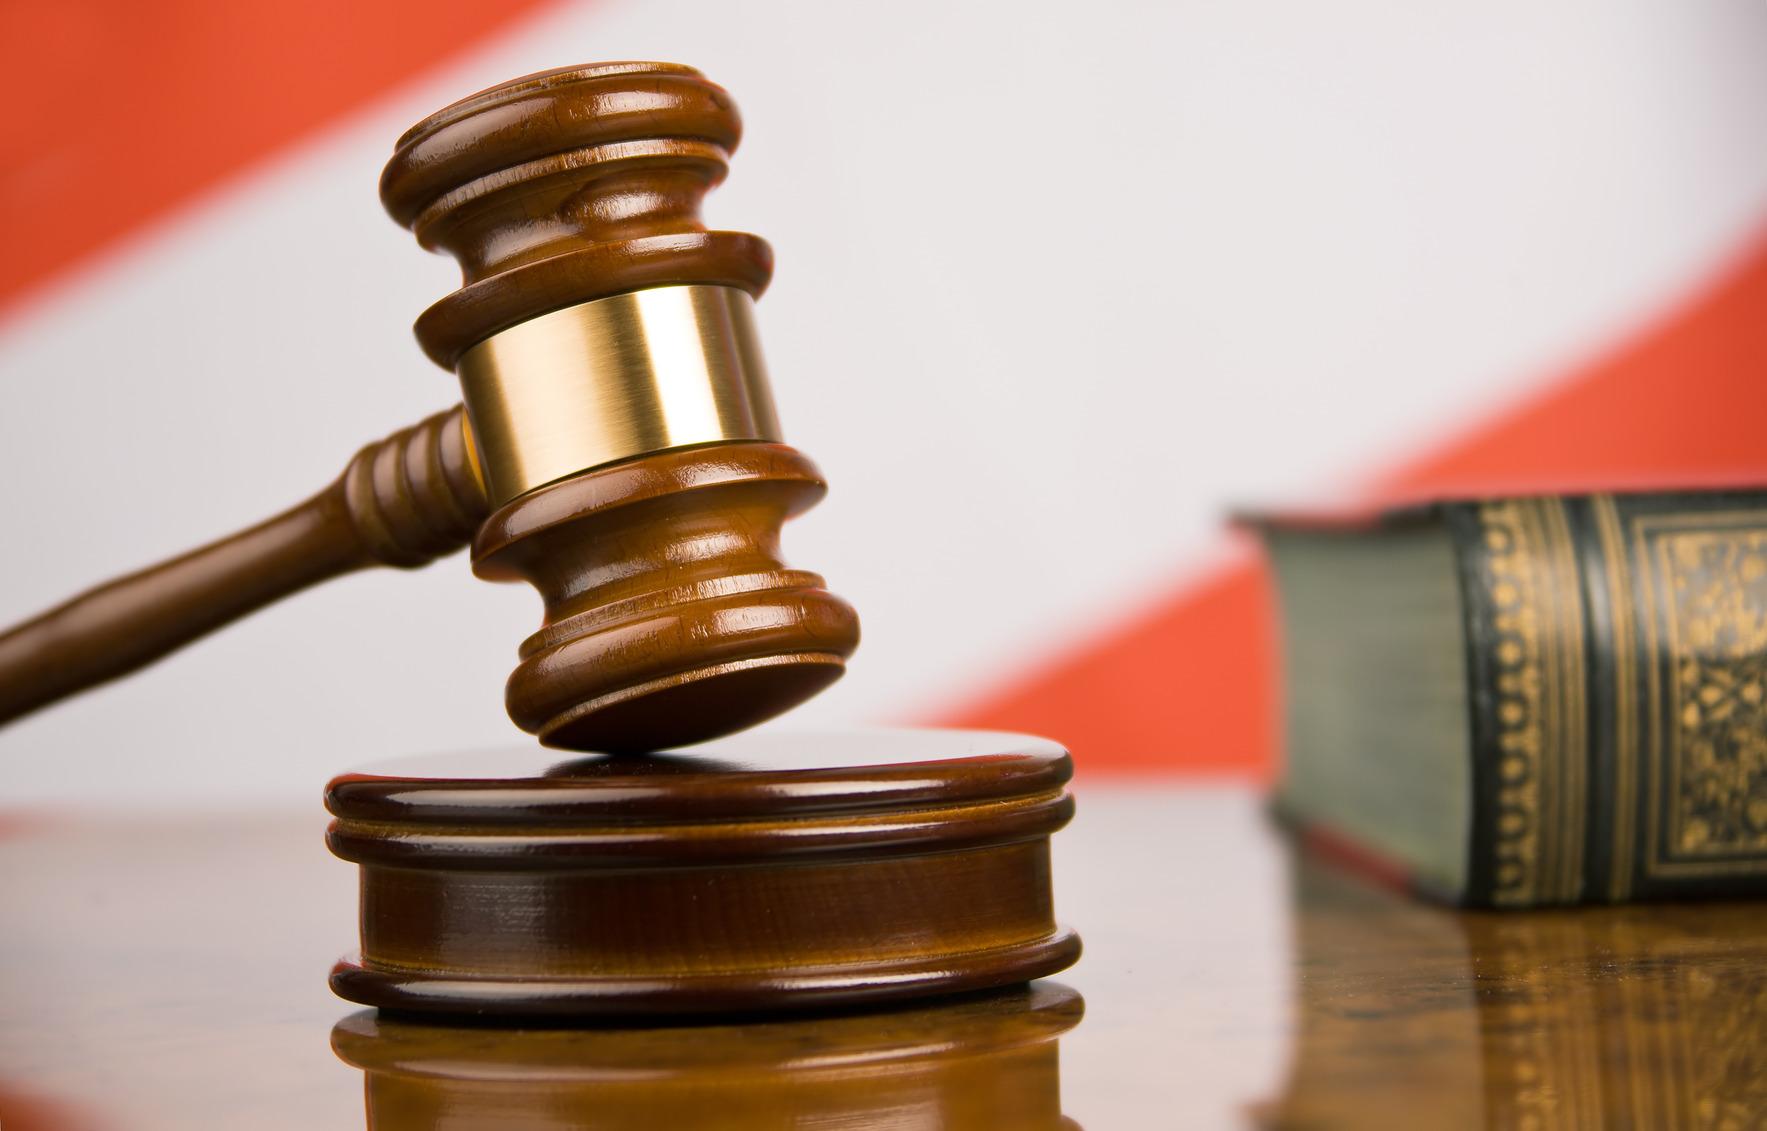 Гособвинение просит пожизненного заключения для беглого банкира Аблязова